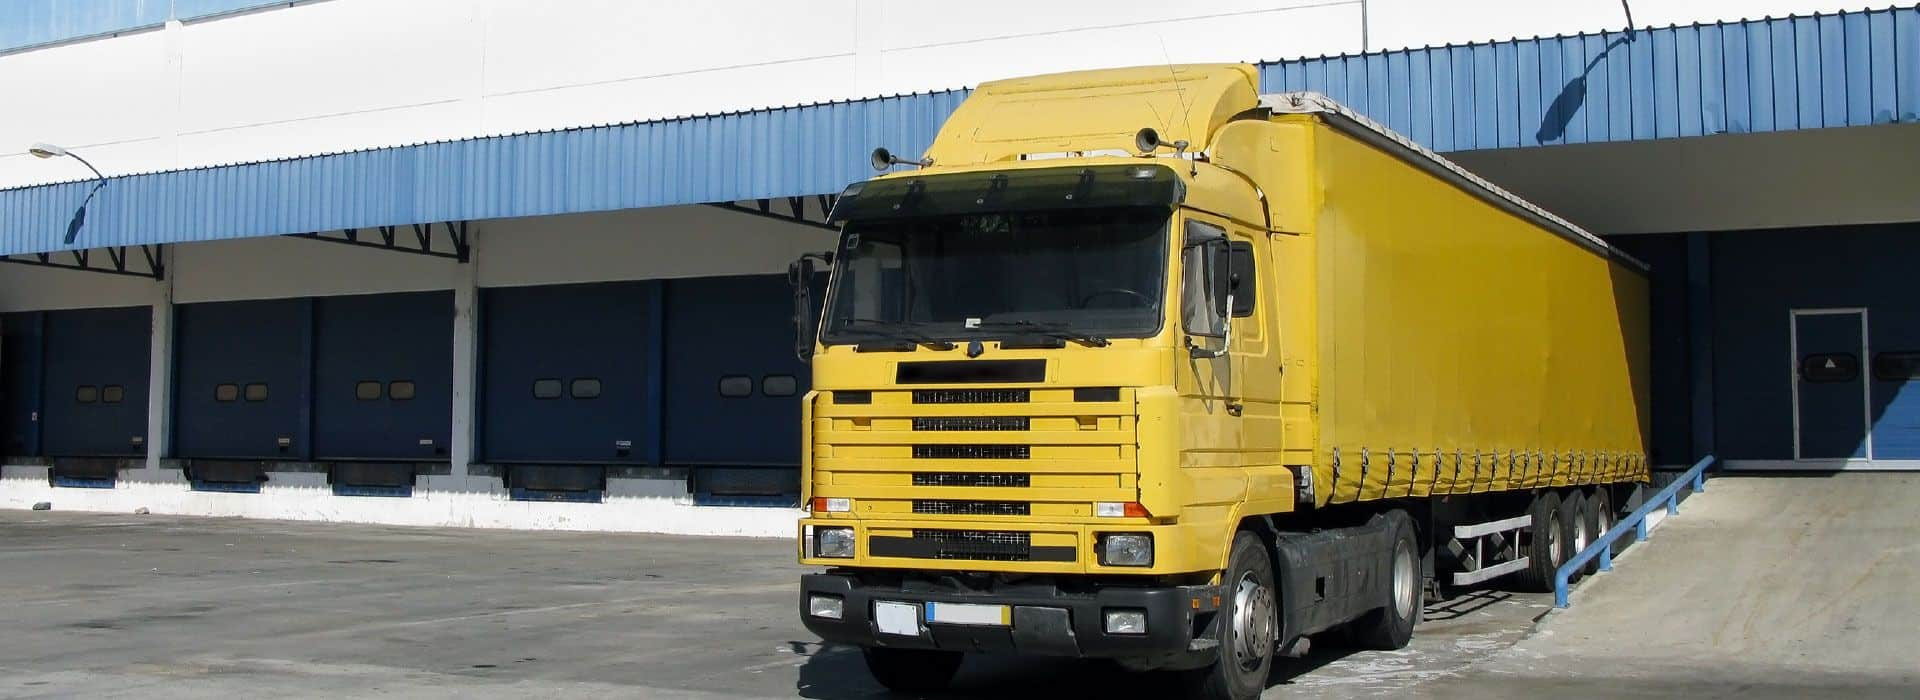 imagen-trailer-amarillo-fondo-nave-industrial